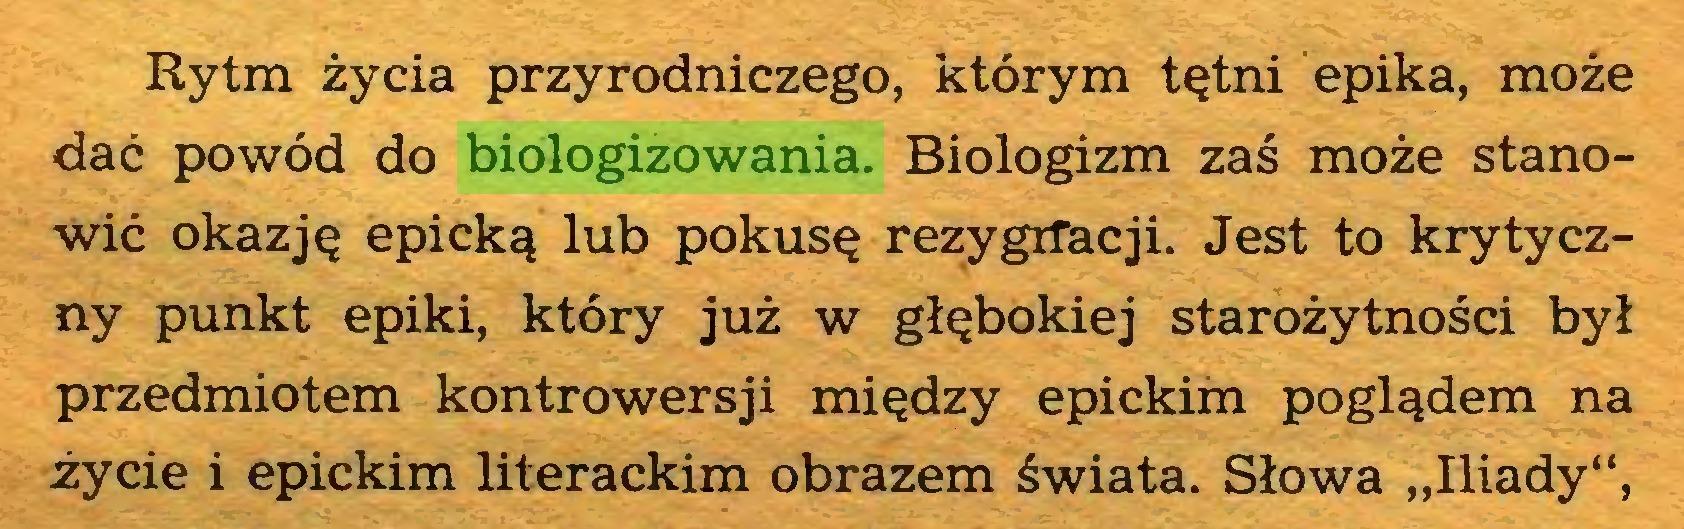 """(...) Rytm życia przyrodniczego, którym tętni epika, może dać powód do biologizowania. Biologizm zaś może stanowić okazję epicką lub pokusę rezygiTacji. Jest to krytyczny punkt epiki, który już w głębokiej starożytności był przedmiotem kontrowersji między epickim poglądem na życie i epickim literackim obrazem świata. Słowa """"Iliady"""",..."""